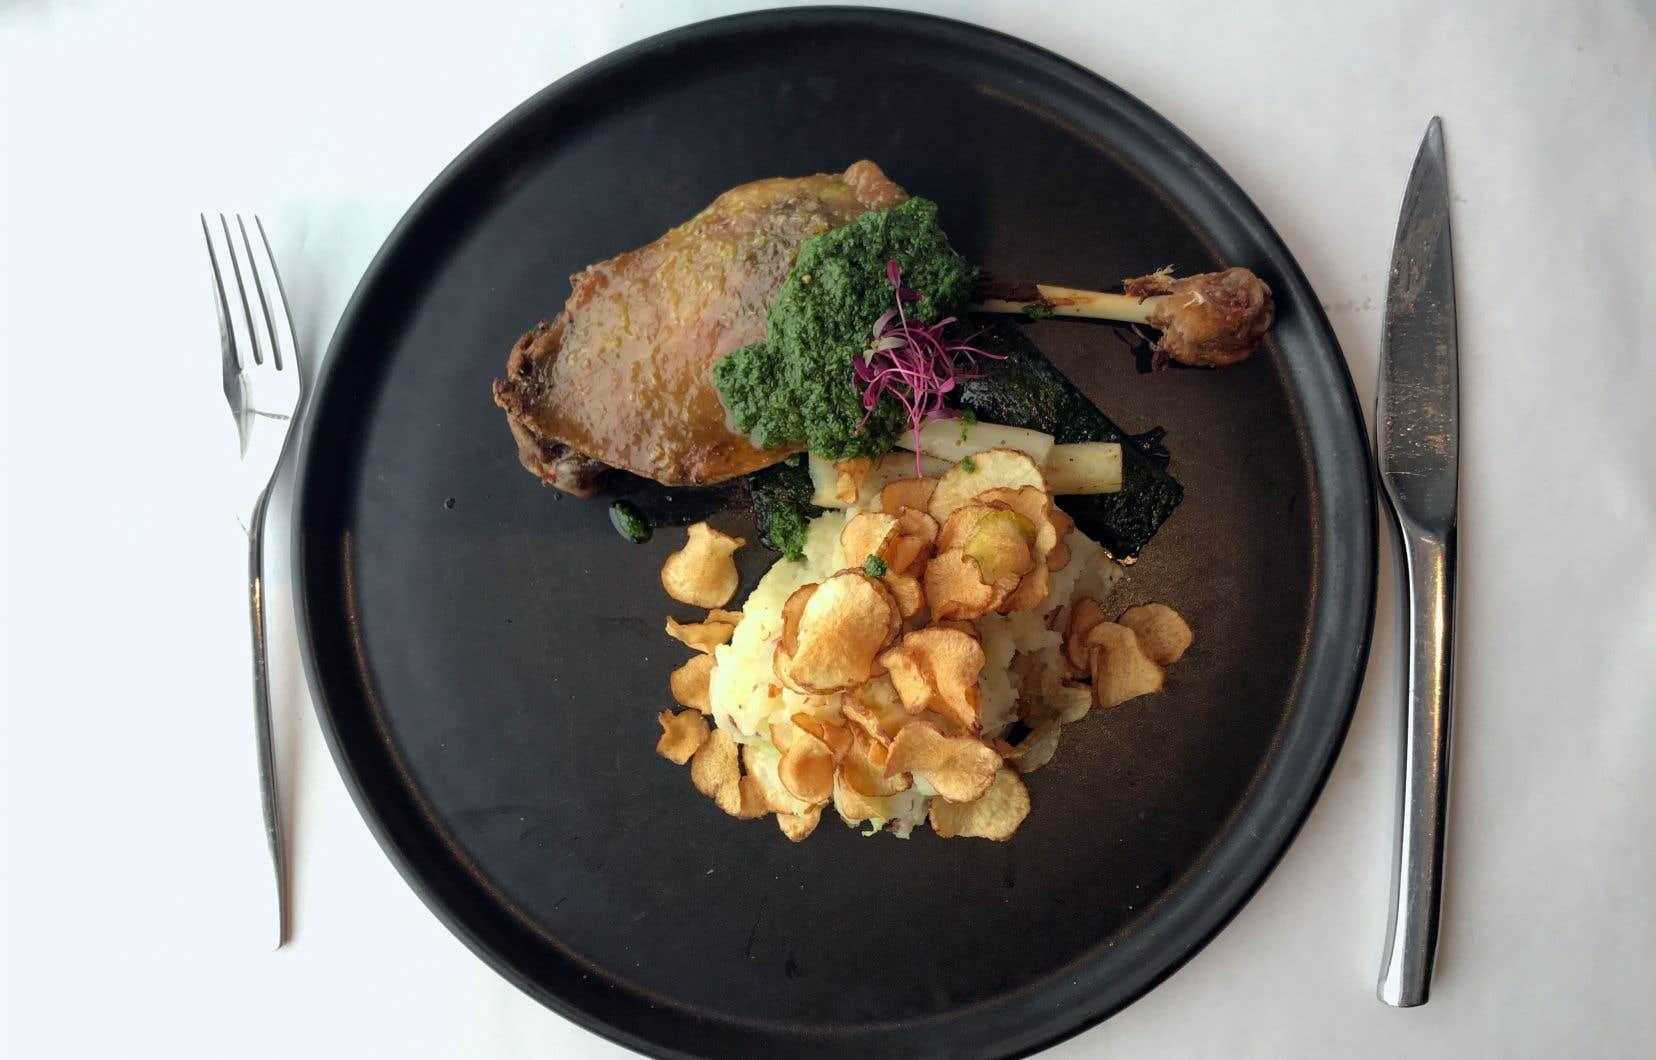 La cuisse de canard confite partageait l'assiette avec la version trifluvienne du colcannon cher au cœur et à l'estomac des Irlandais; ici pomme de terre, choux et lardons de sanglier.